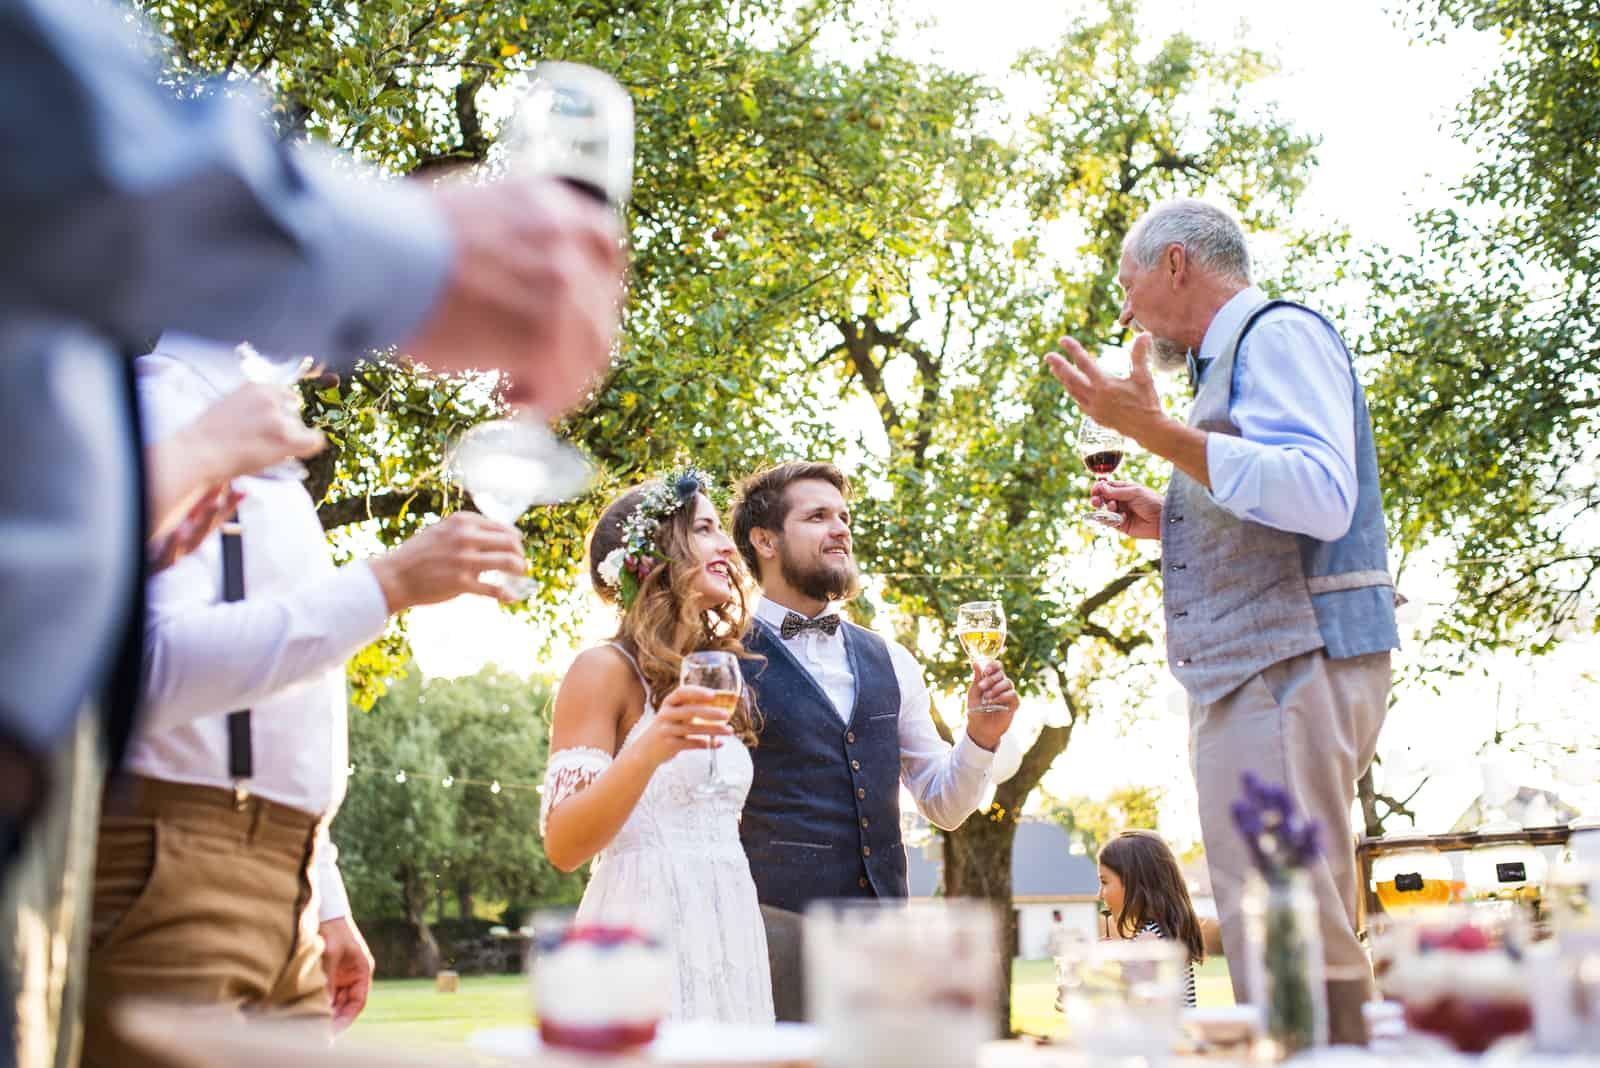 Ein älterer Mann, der Rede am Hochzeitsempfang draußen im Hintergrund macht.